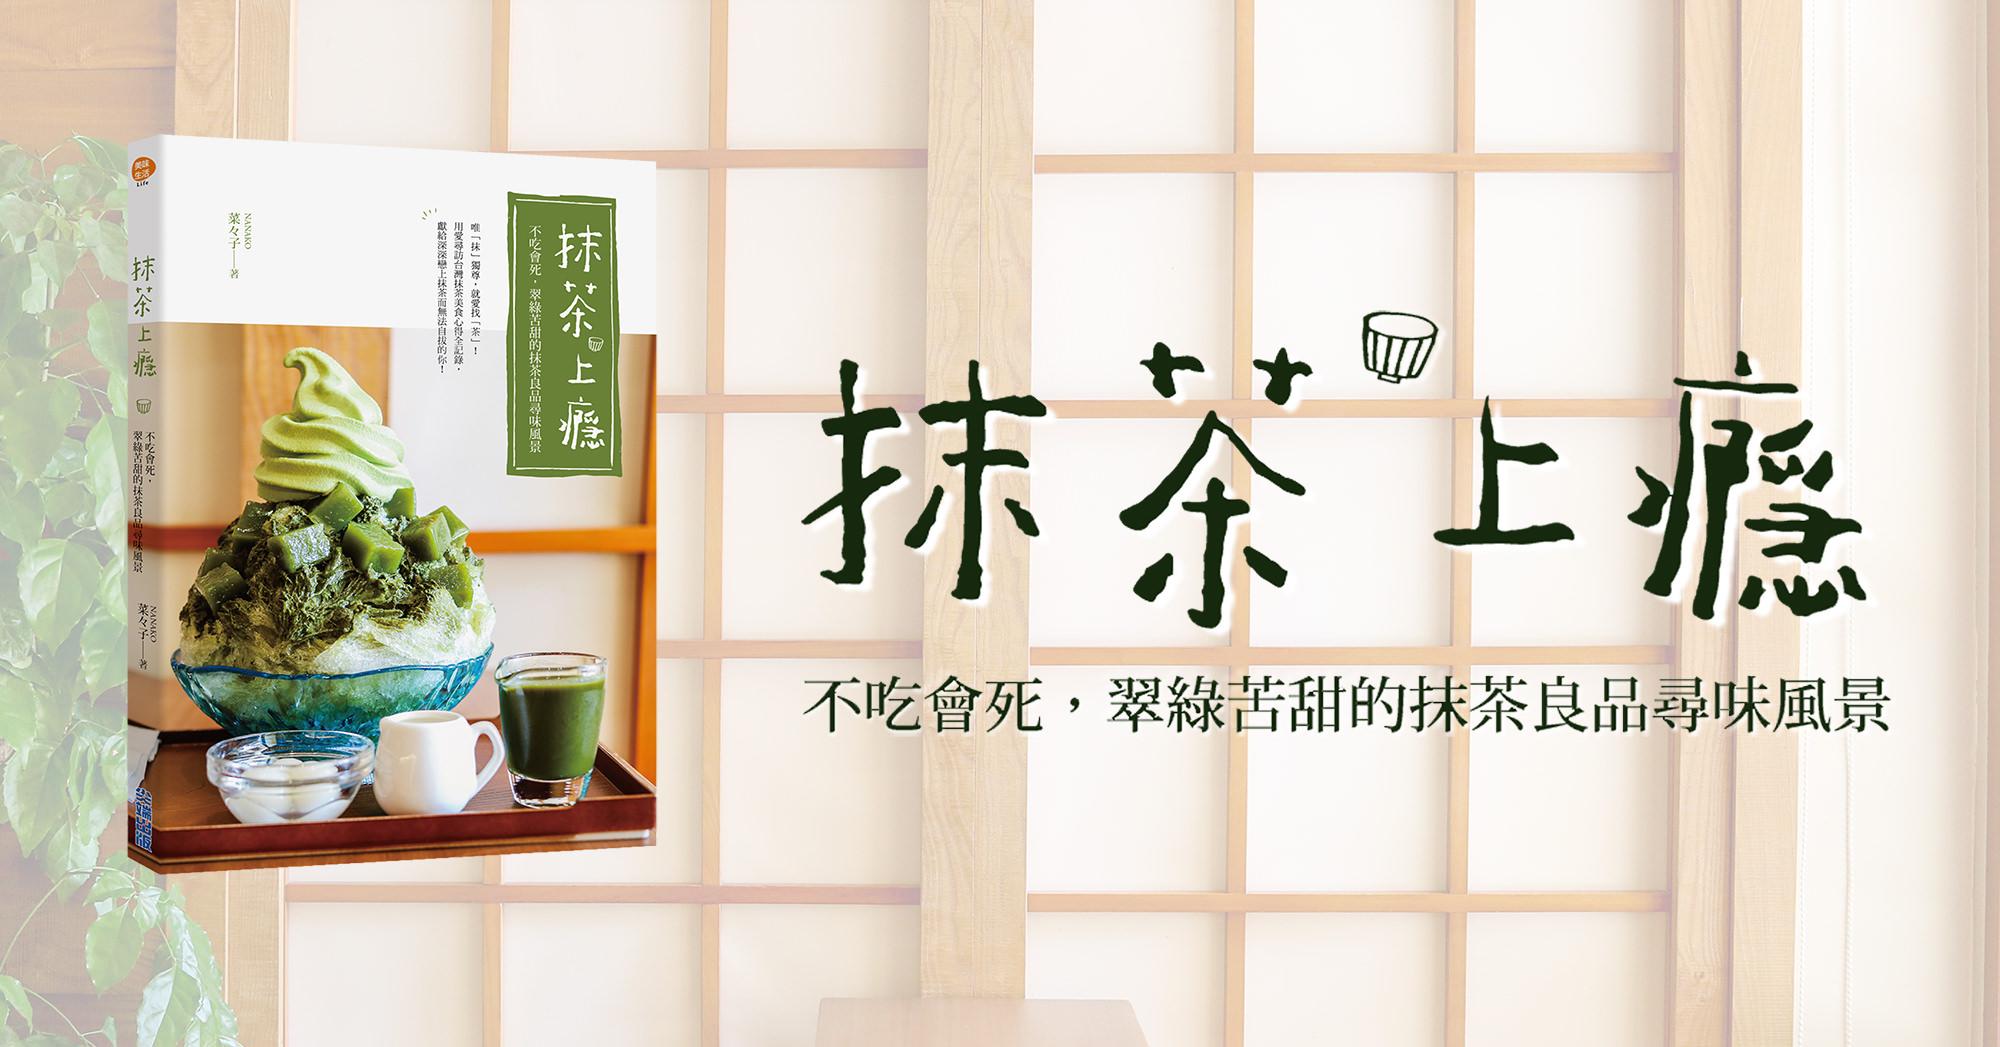 抹茶書籍|抹茶上癮:不吃會死,翠綠苦甜的抹茶良品尋味風景